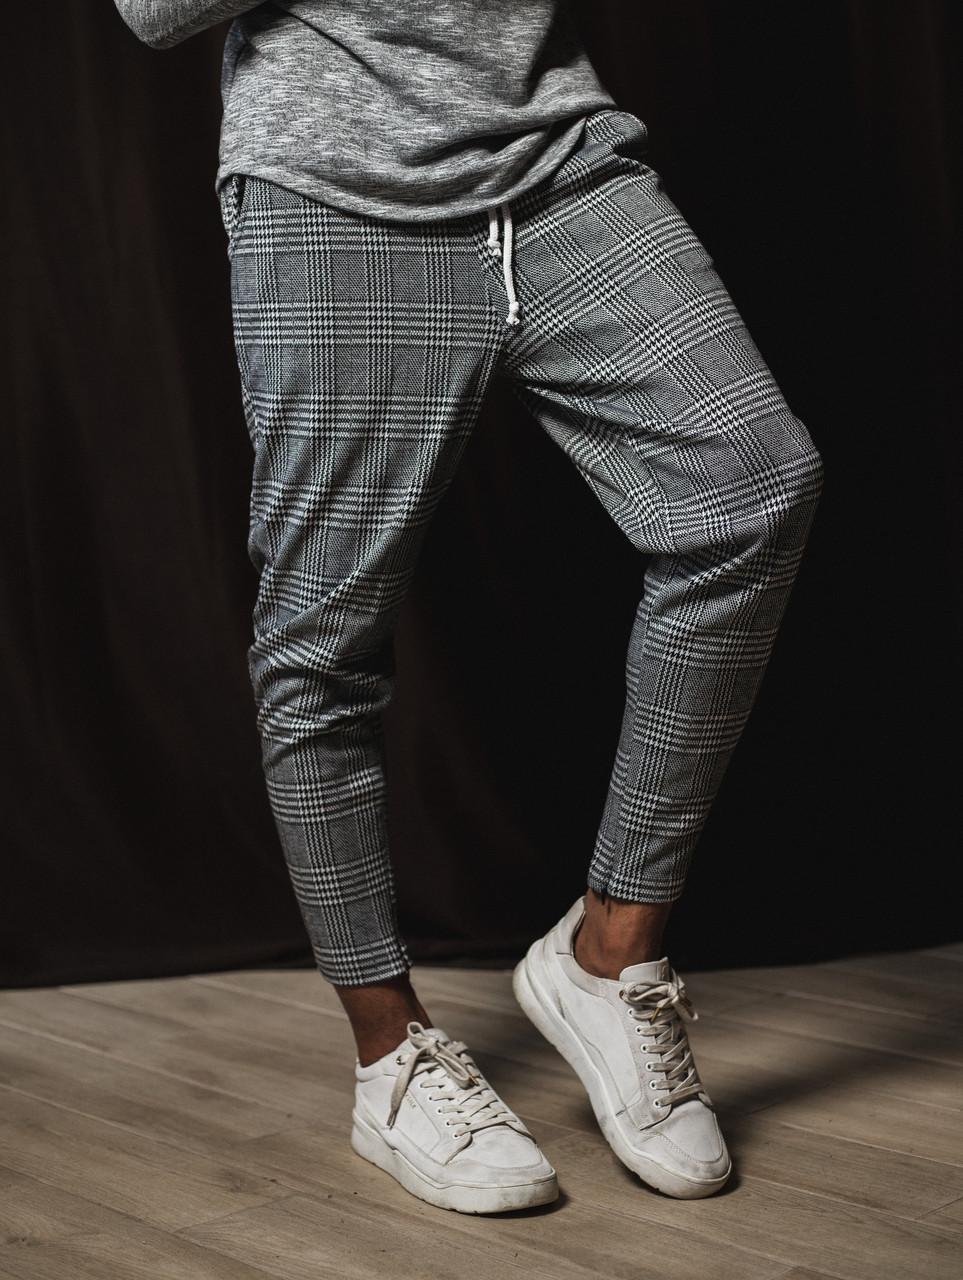 Штани в клітку чоловічі сірі | весняні, осінні ЛЮКС якість